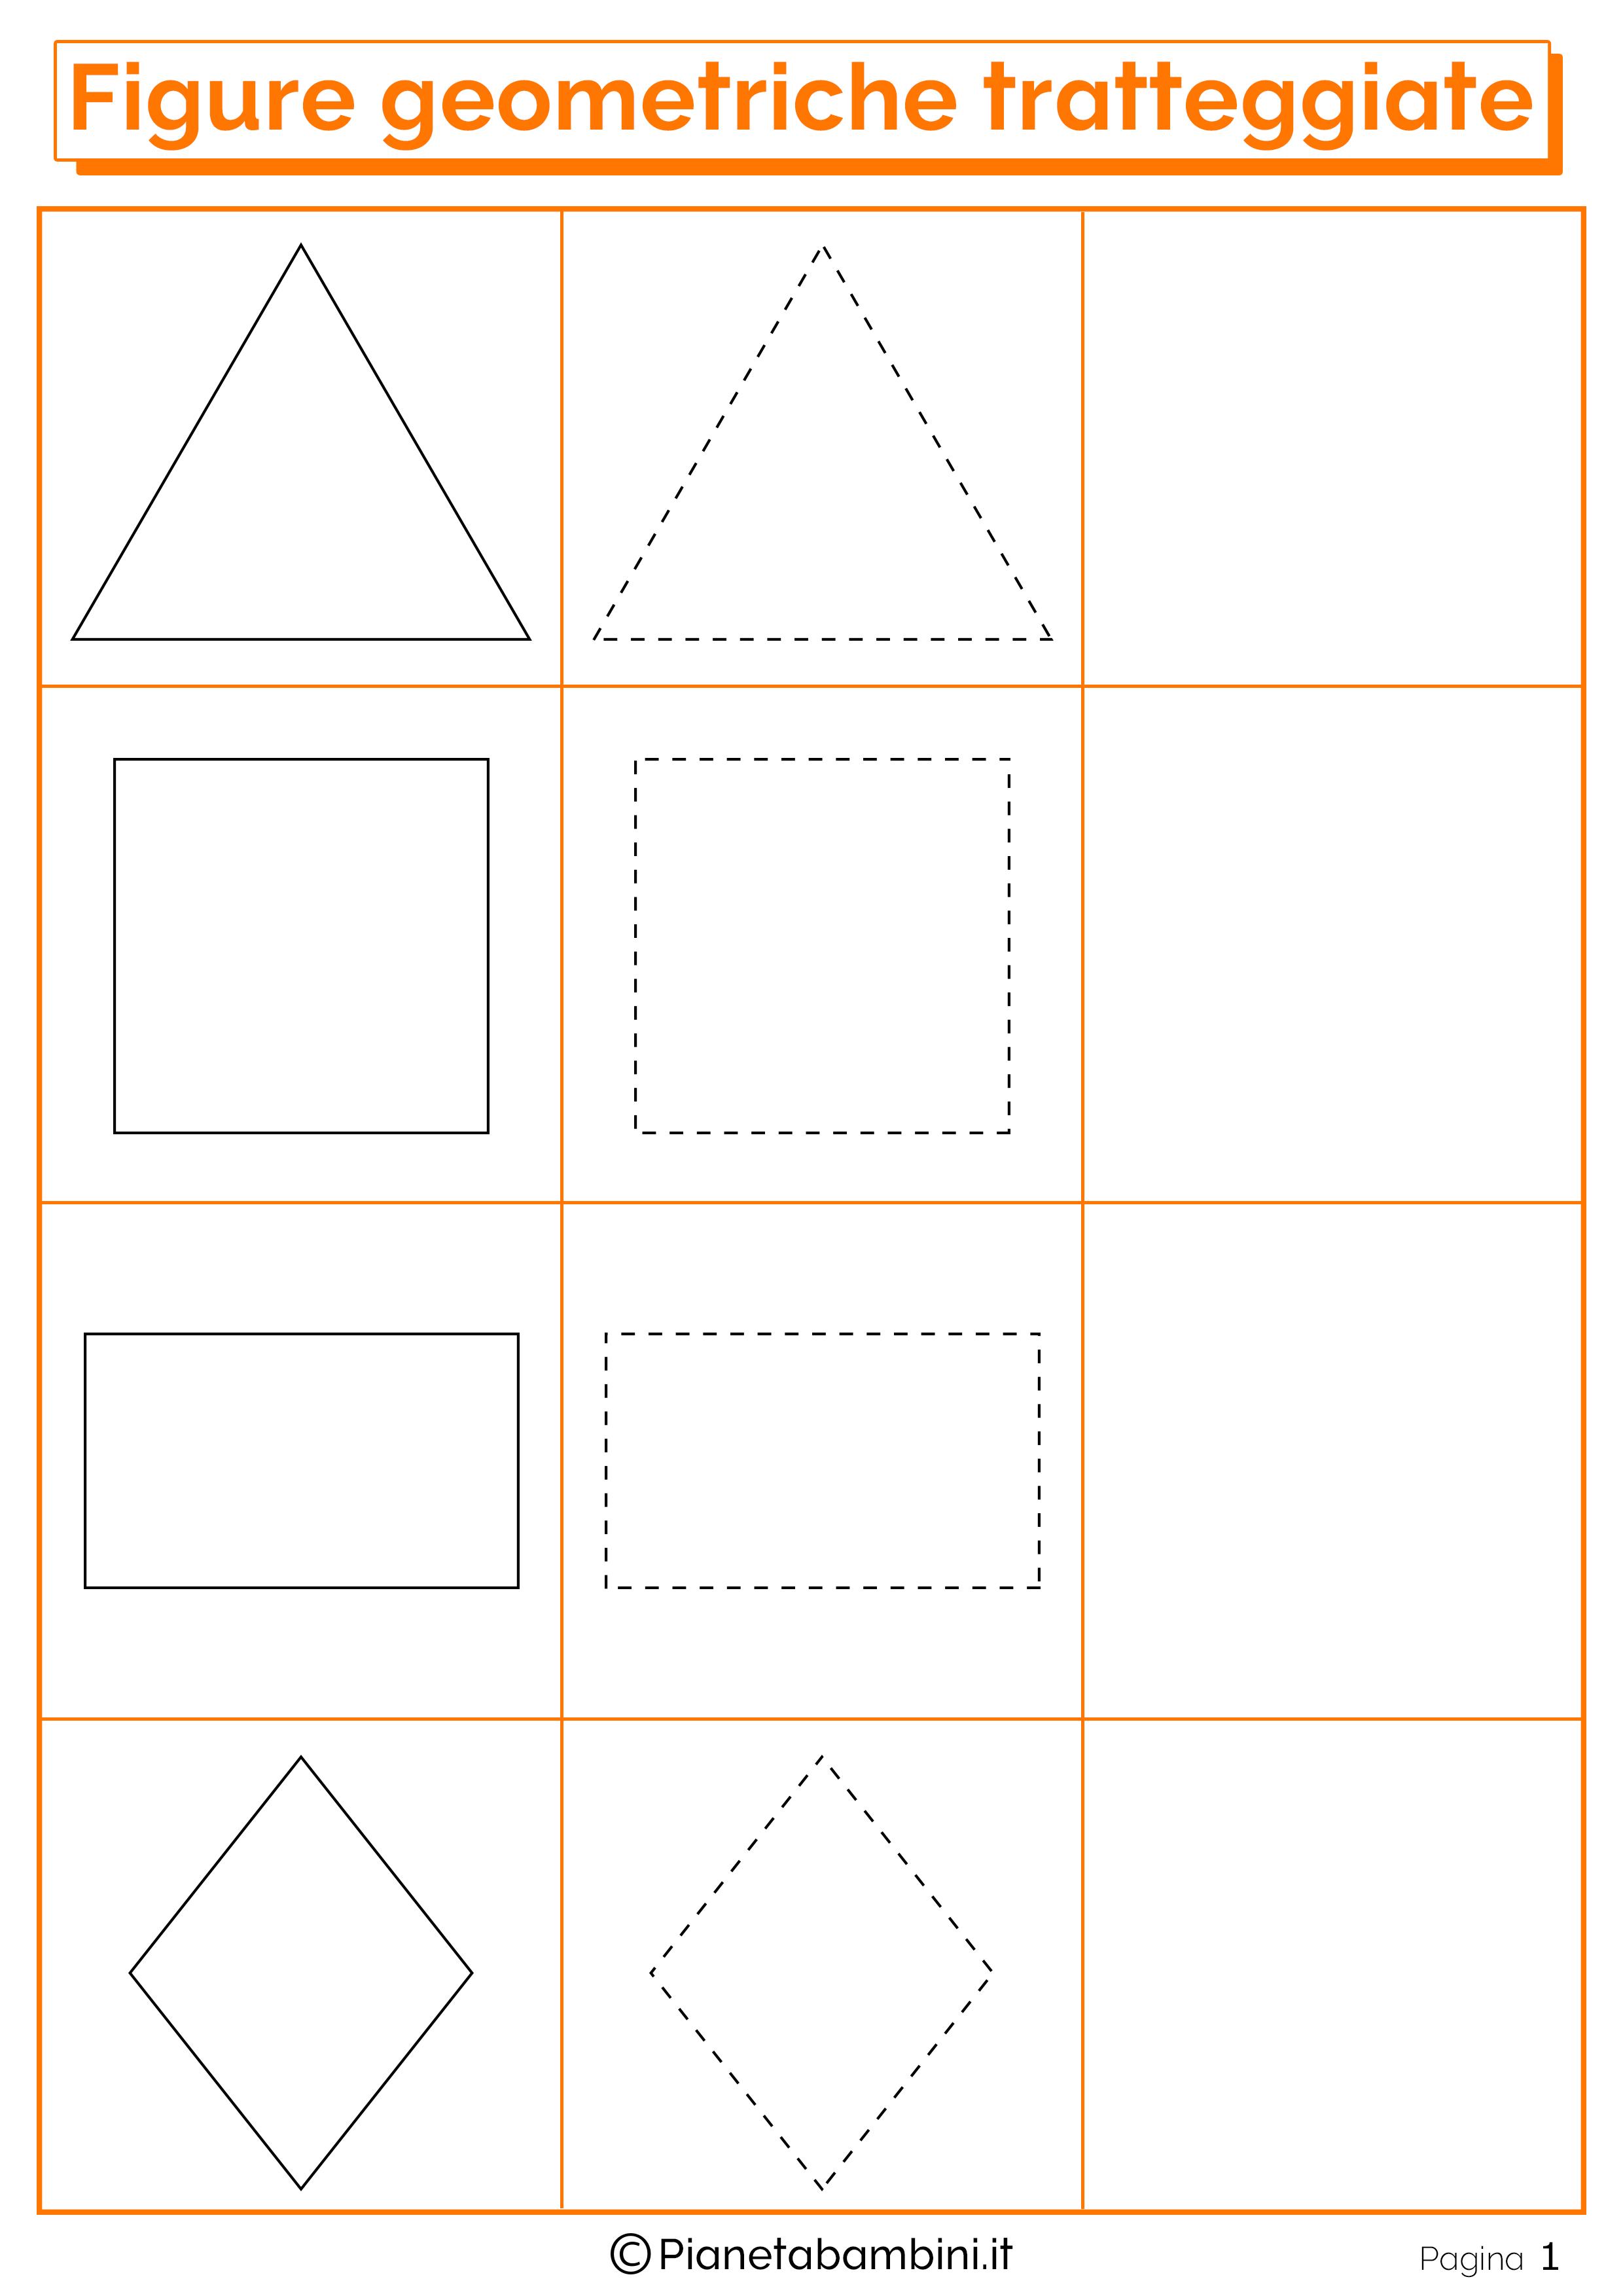 Imparare a disegnare le figure geometriche con i disegni